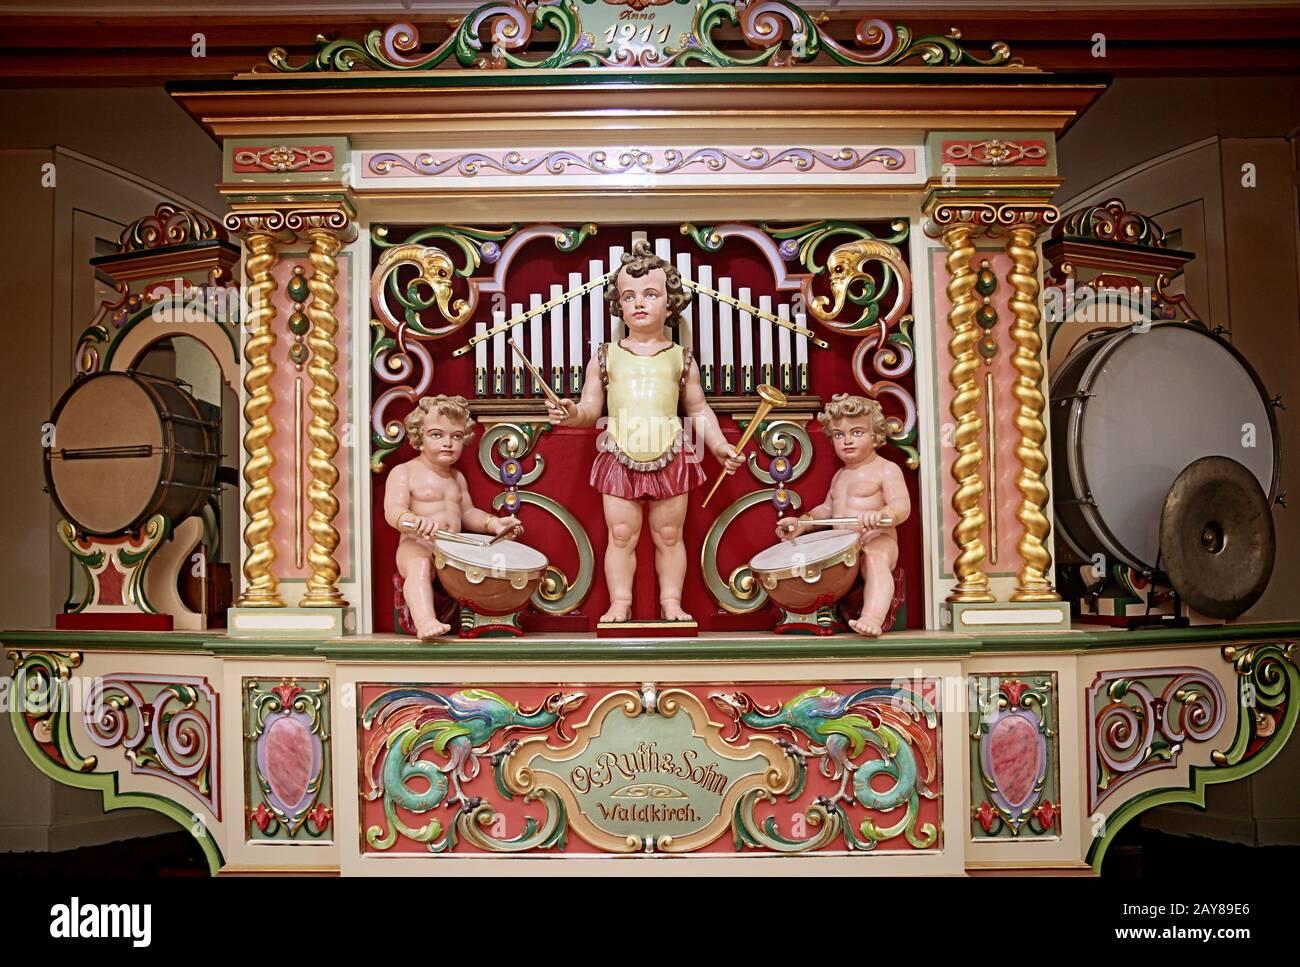 Munich, ALLEMAGNE - 1 OCTOBRE 2019 Ruth & Sohn Waldkirch orgue mécanique vintage exposé à l'Oide Wiesn partie historique de l'Oktoberfest à Munich Banque D'Images